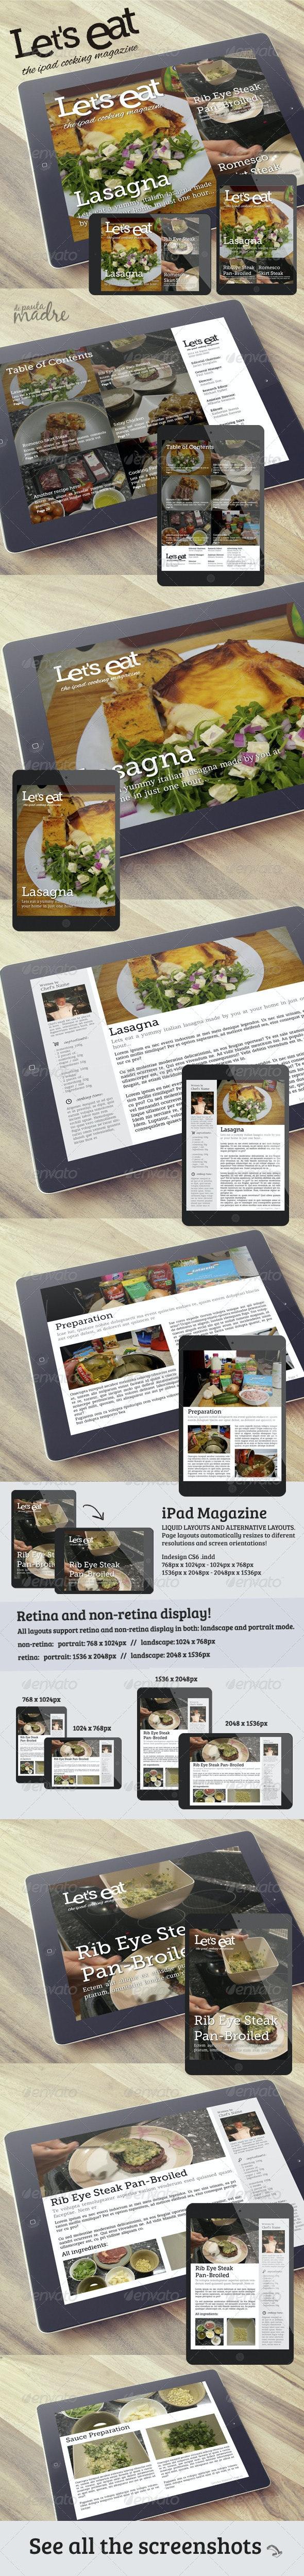 Cooking iPad Magazine That Looks Like a Blog  - Digital Magazines ePublishing